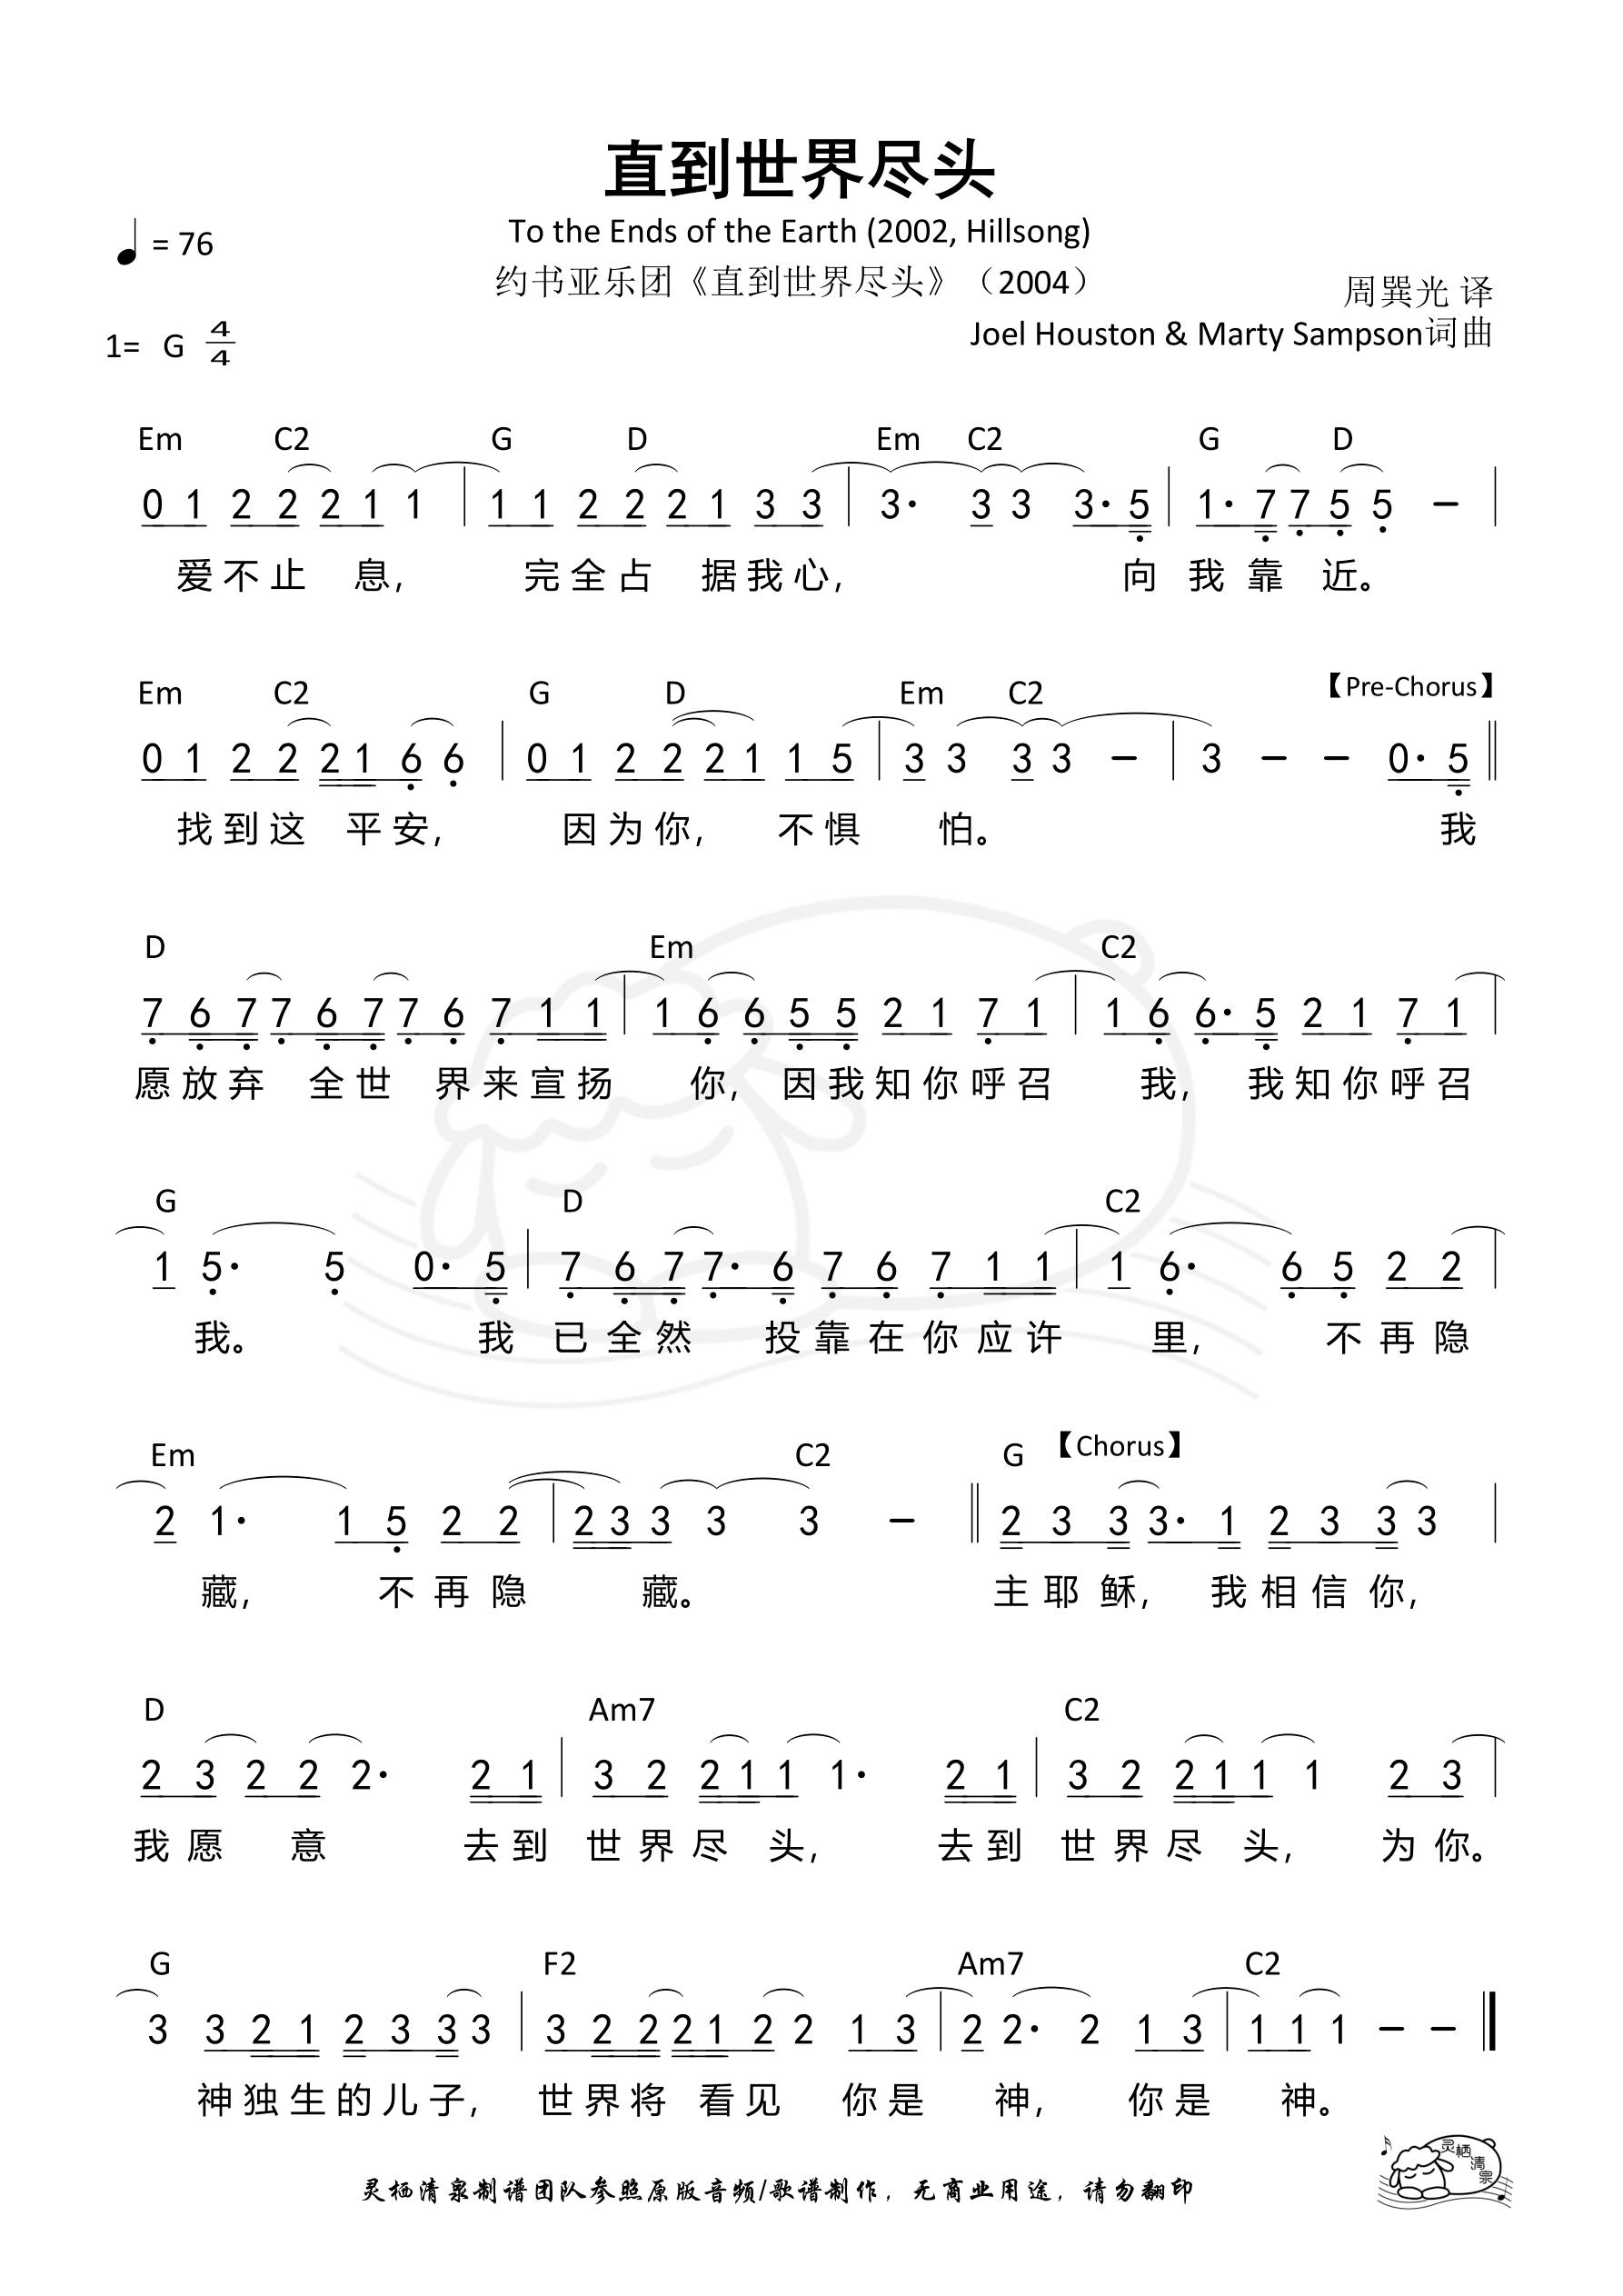 《第19首 - 直到世界尽头 和弦简谱》